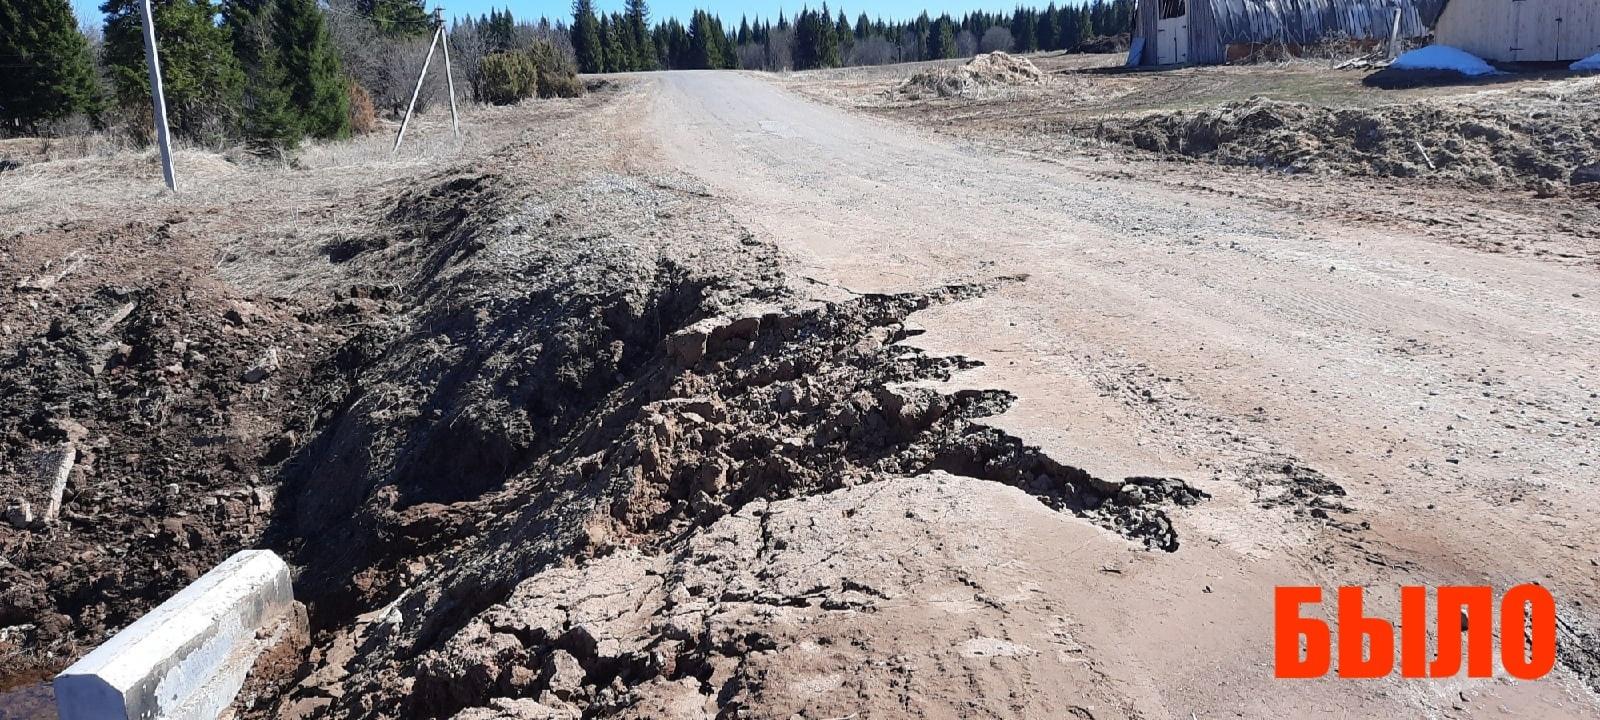 Часть дороги обвалилась на въезде в Большие